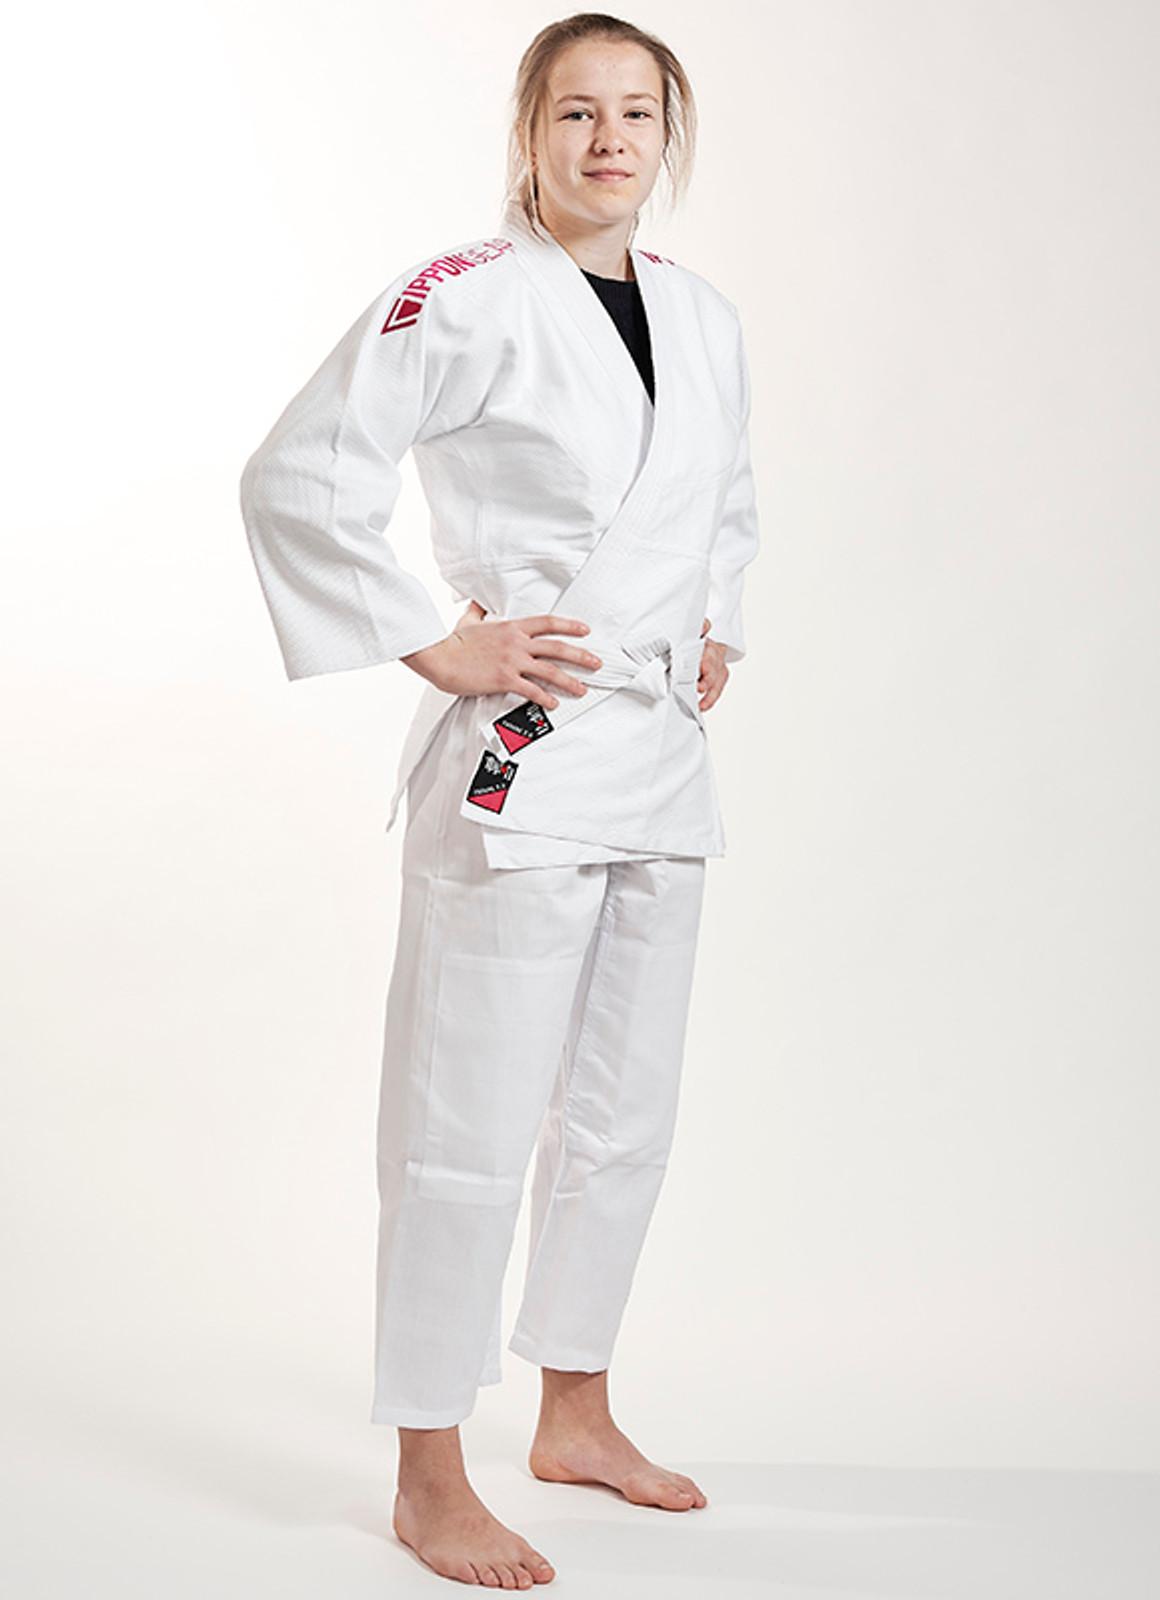 IPPON GEAR Kinder Judoanzug Future 2.0